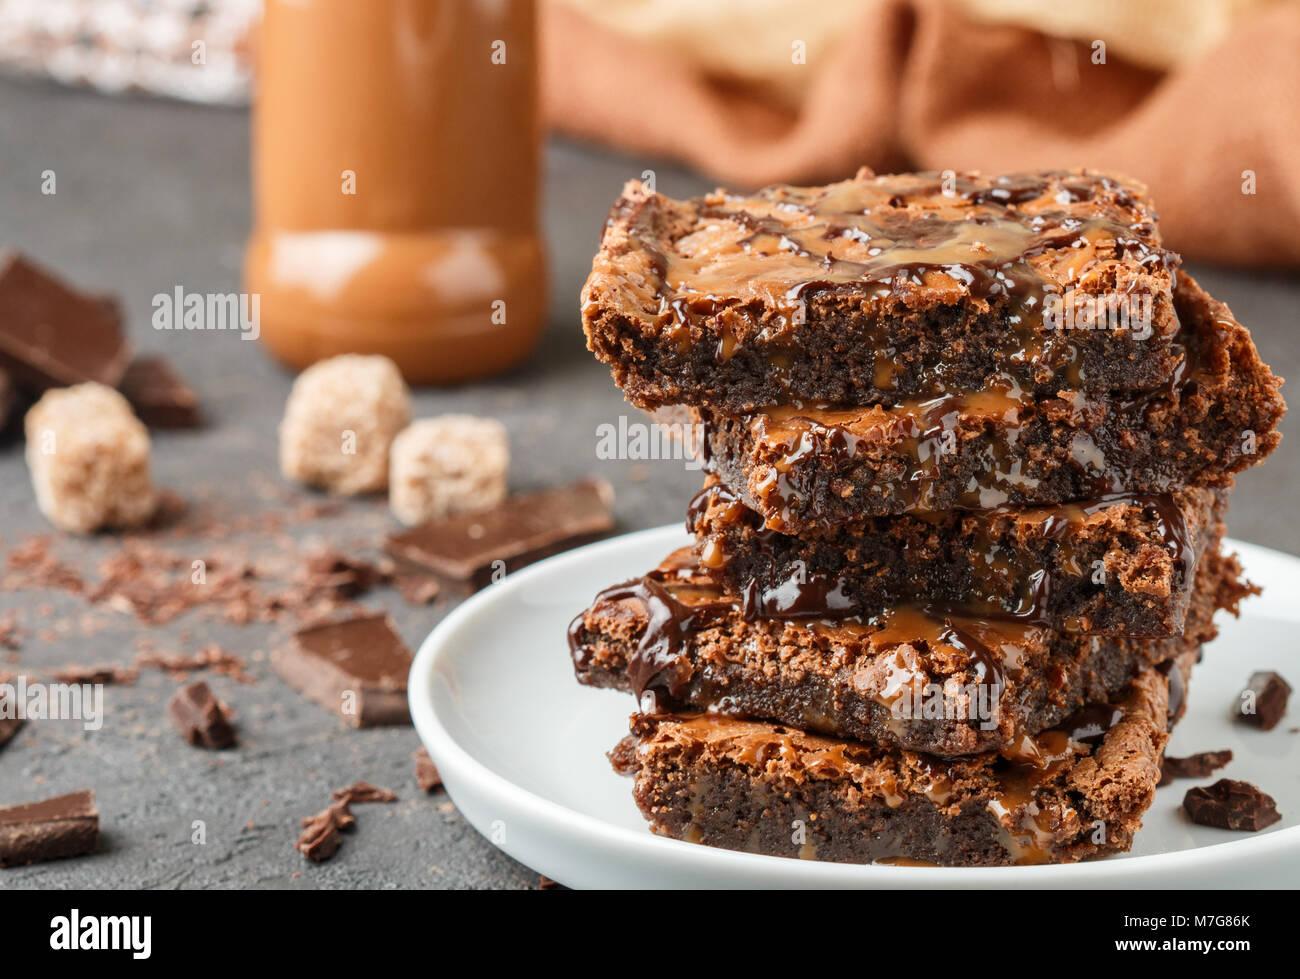 Brownie. Torte fatte in casa con cioccolato e caramello. American dessert. Messa a fuoco selettiva Immagini Stock